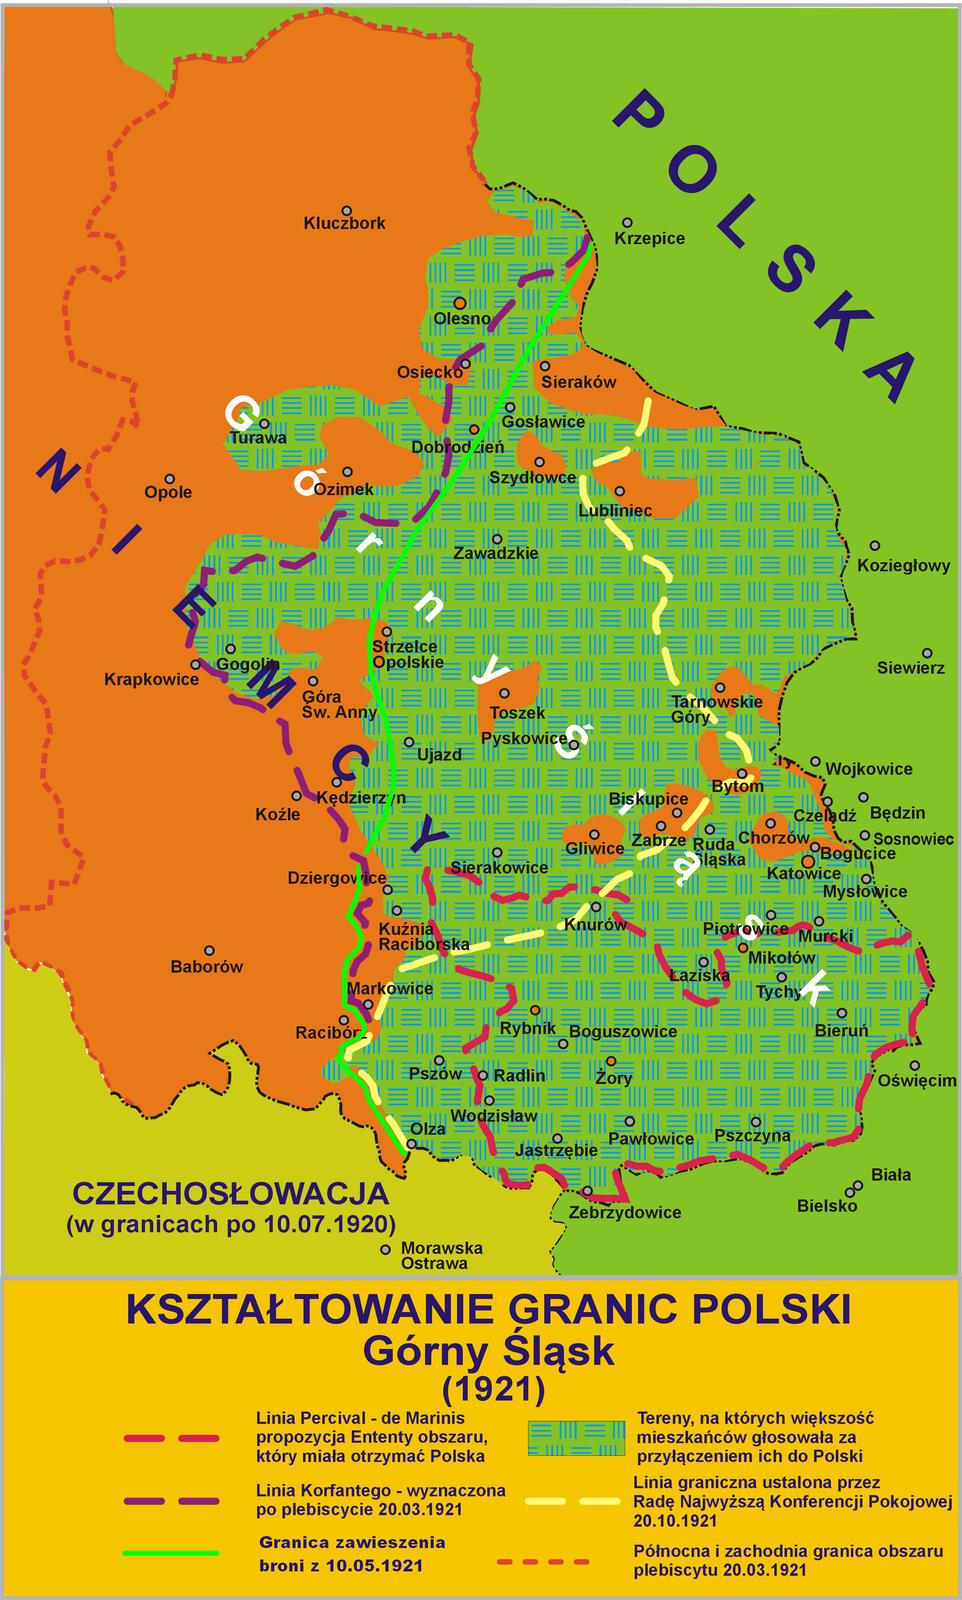 Kształtowanie granic Polski - Górny Śląski Źródło: Lonio17, Kształtowanie granic Polski - Górny Śląski, 2010, J. J. Tazbir Wielki Atlas Historyczny, Demart, Warszawa, 2008, licencja: CC BY-SA 4.0.